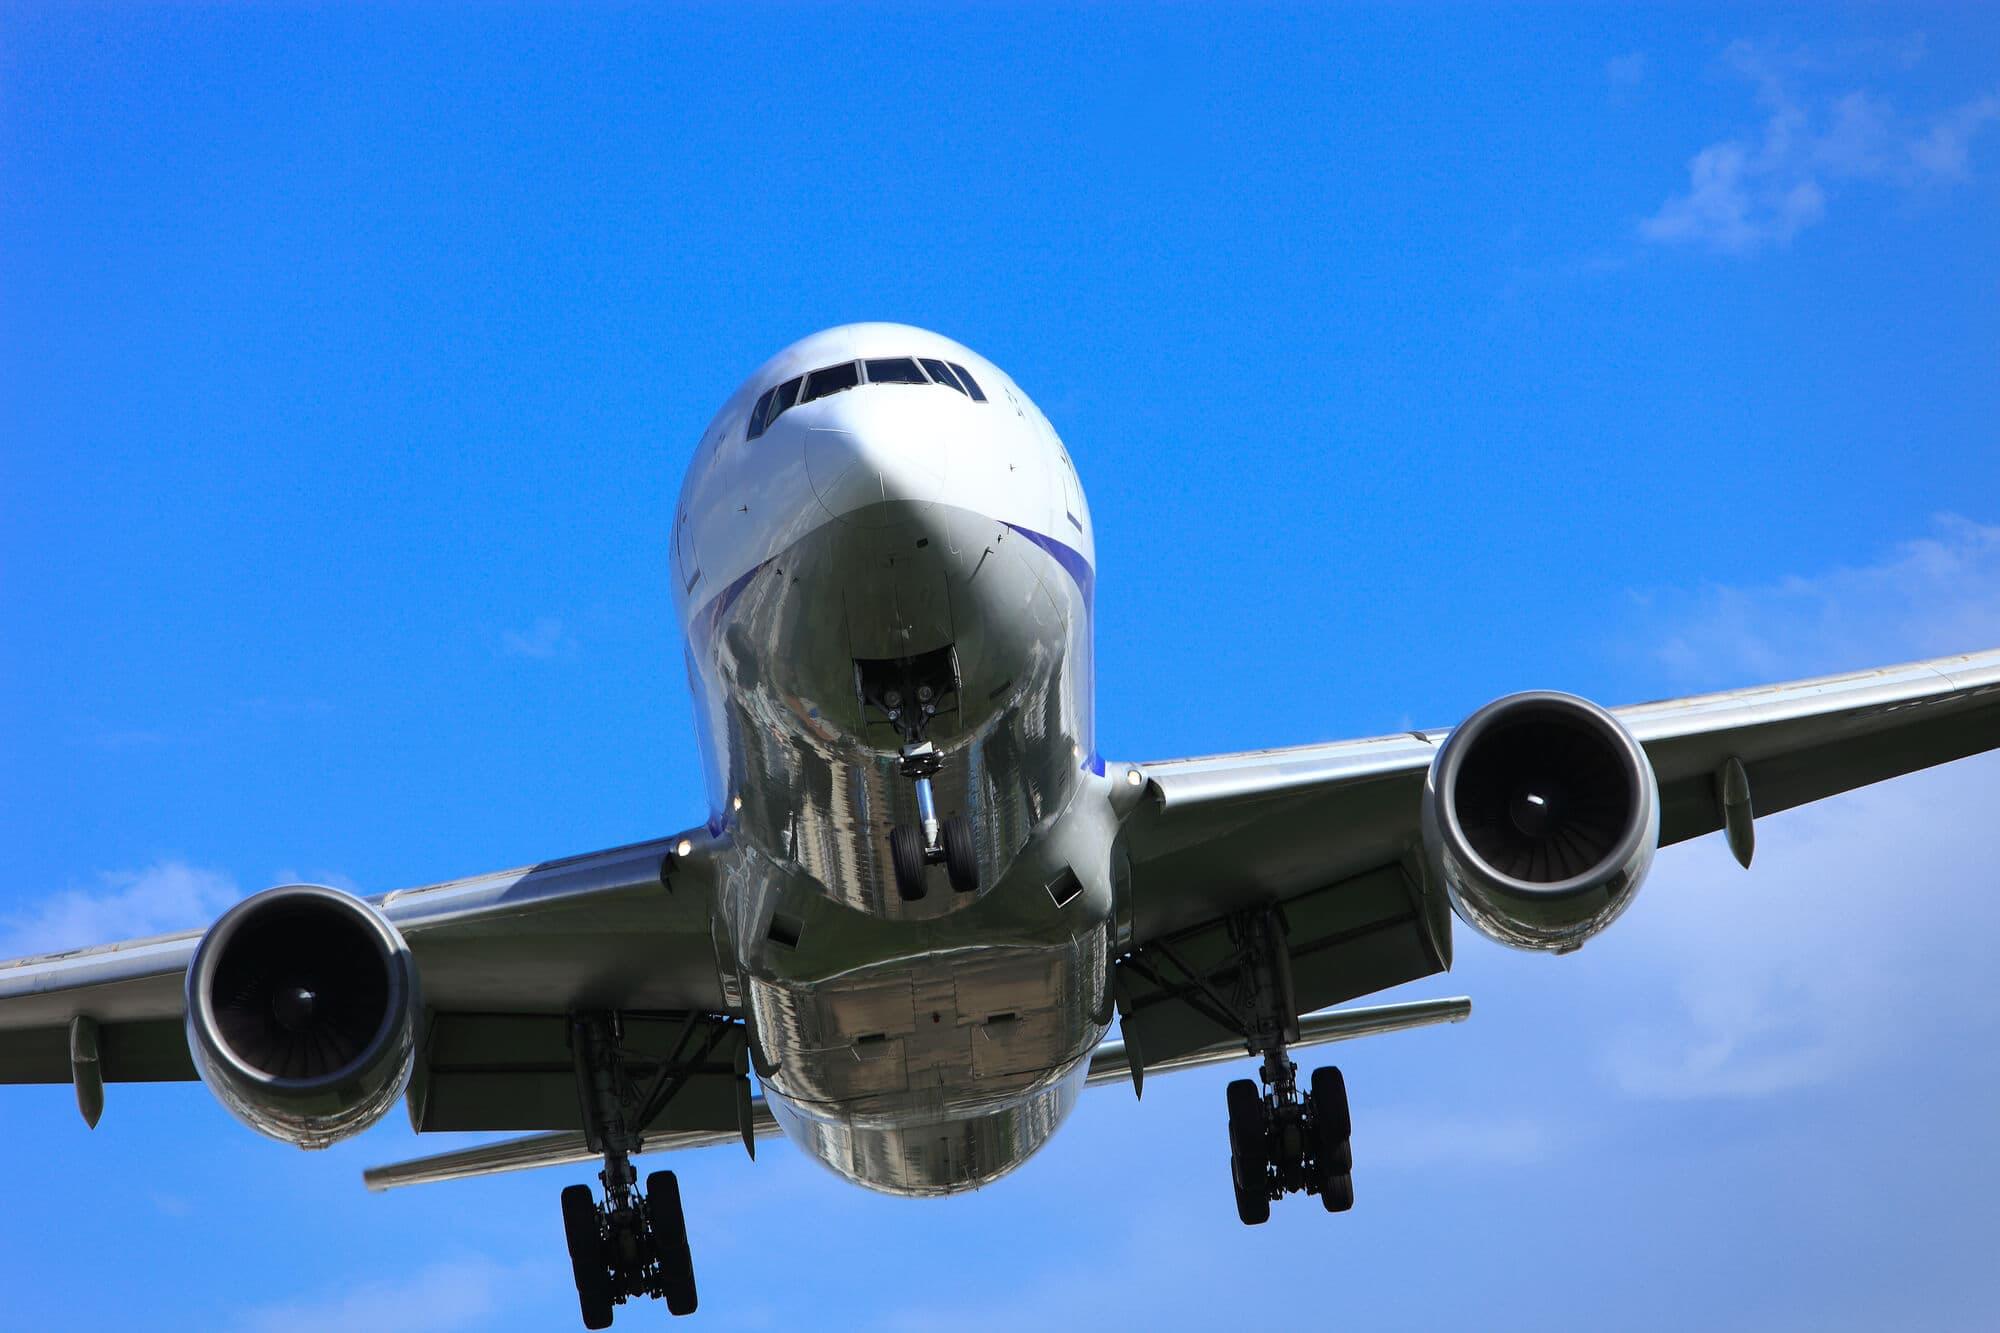 妊娠初期の飛行機は影響がある?乗る前に知っておきたい三つのこと